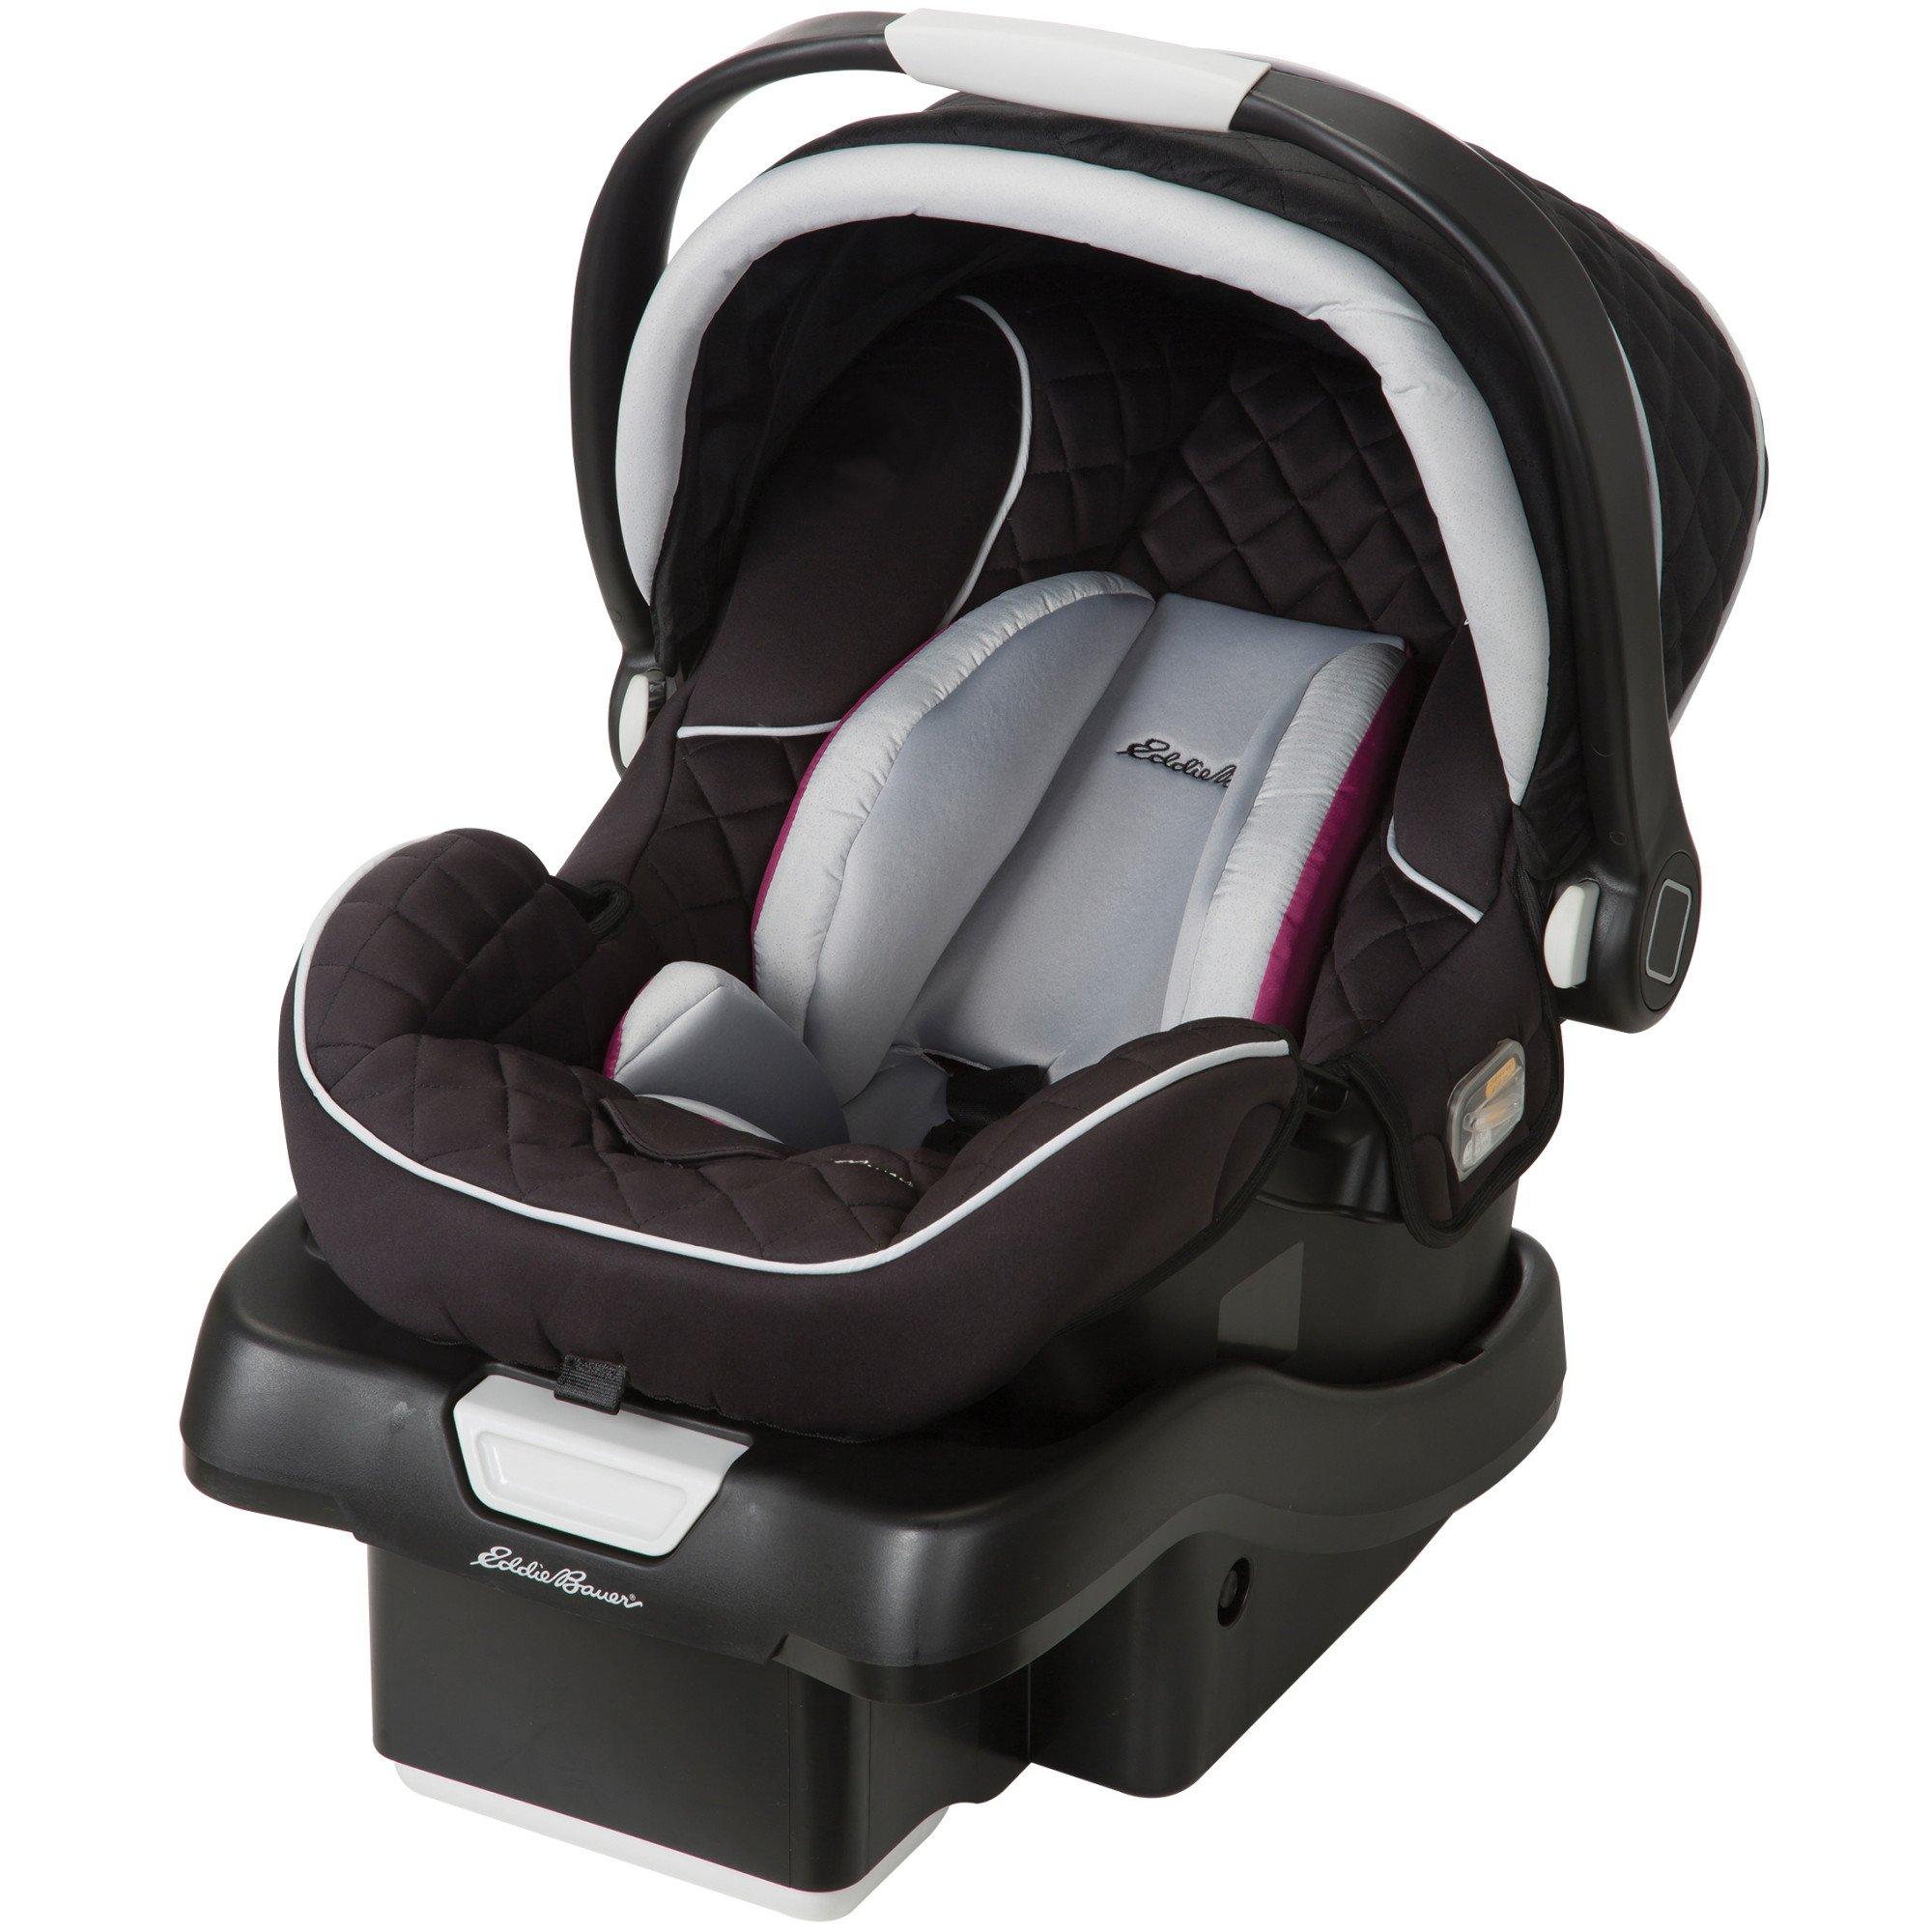 Eddie Bauer SureFit Infant Car Seat, Orchid